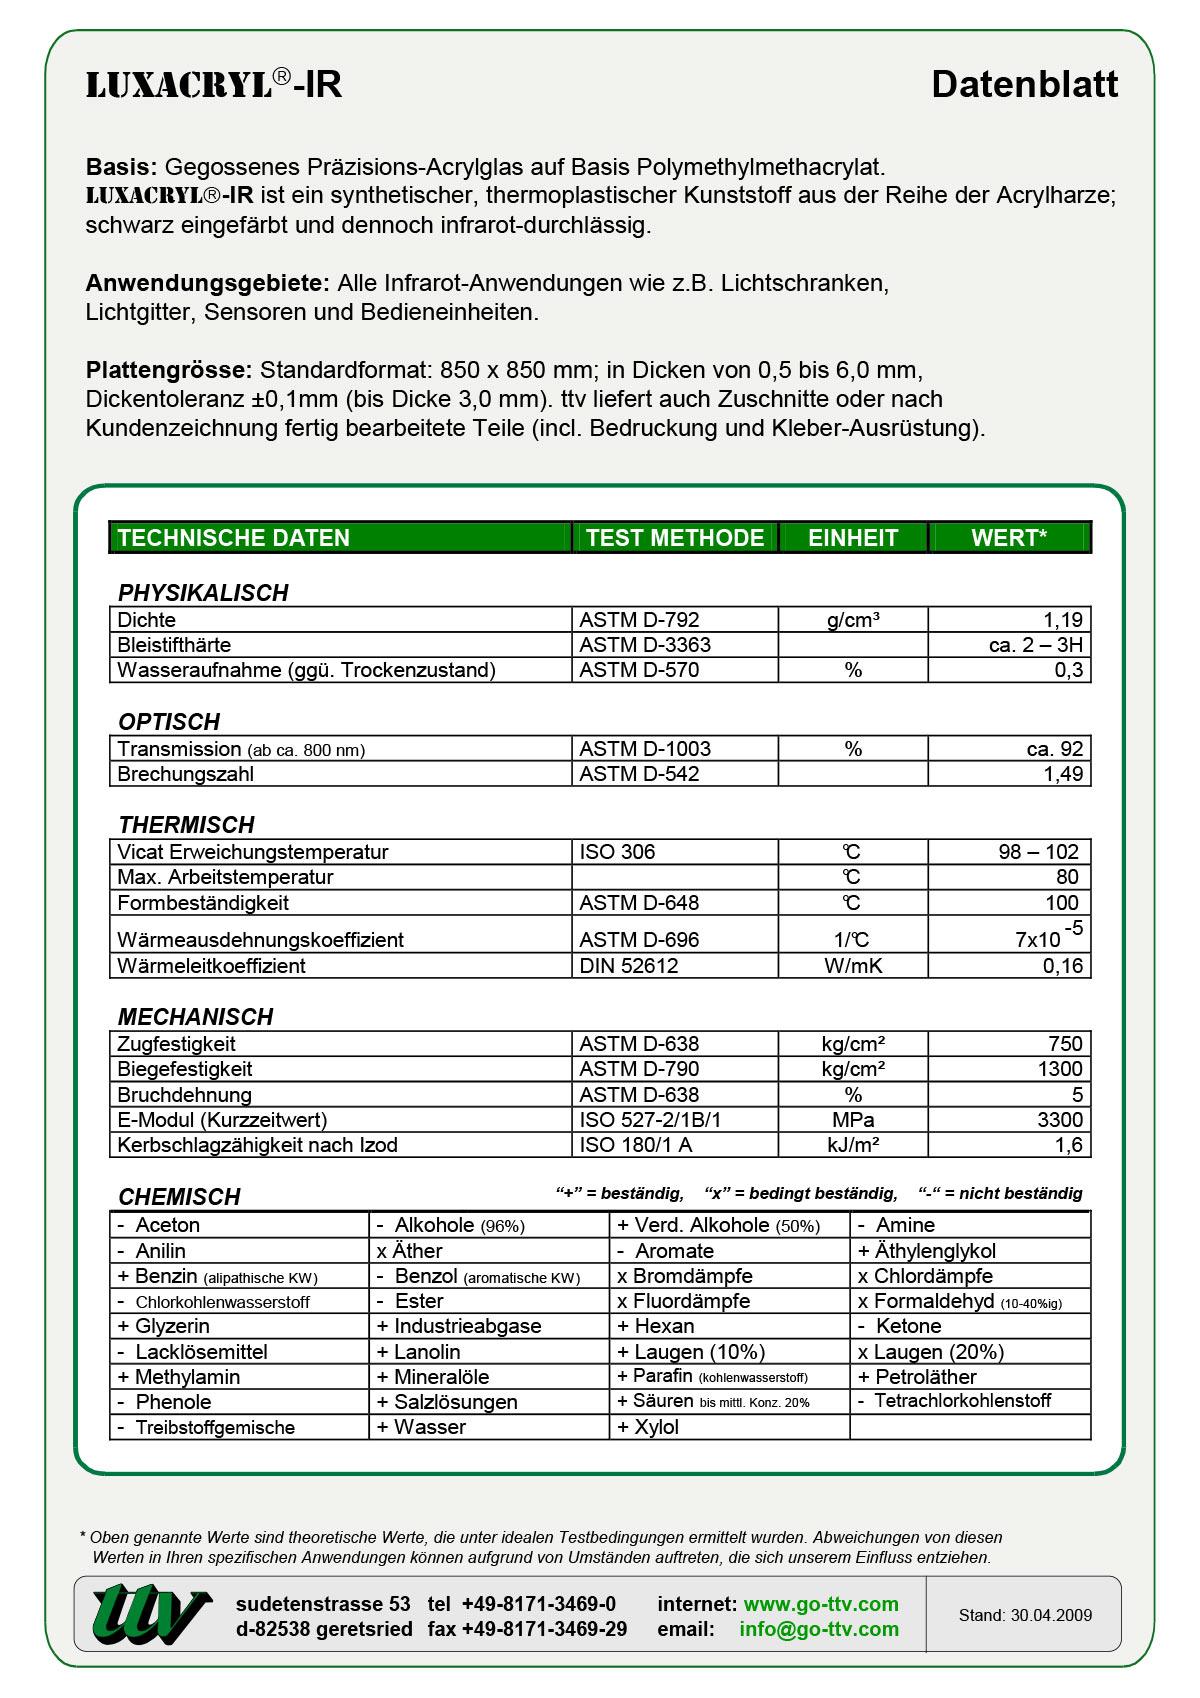 Luxacryl-IR Datenblatt